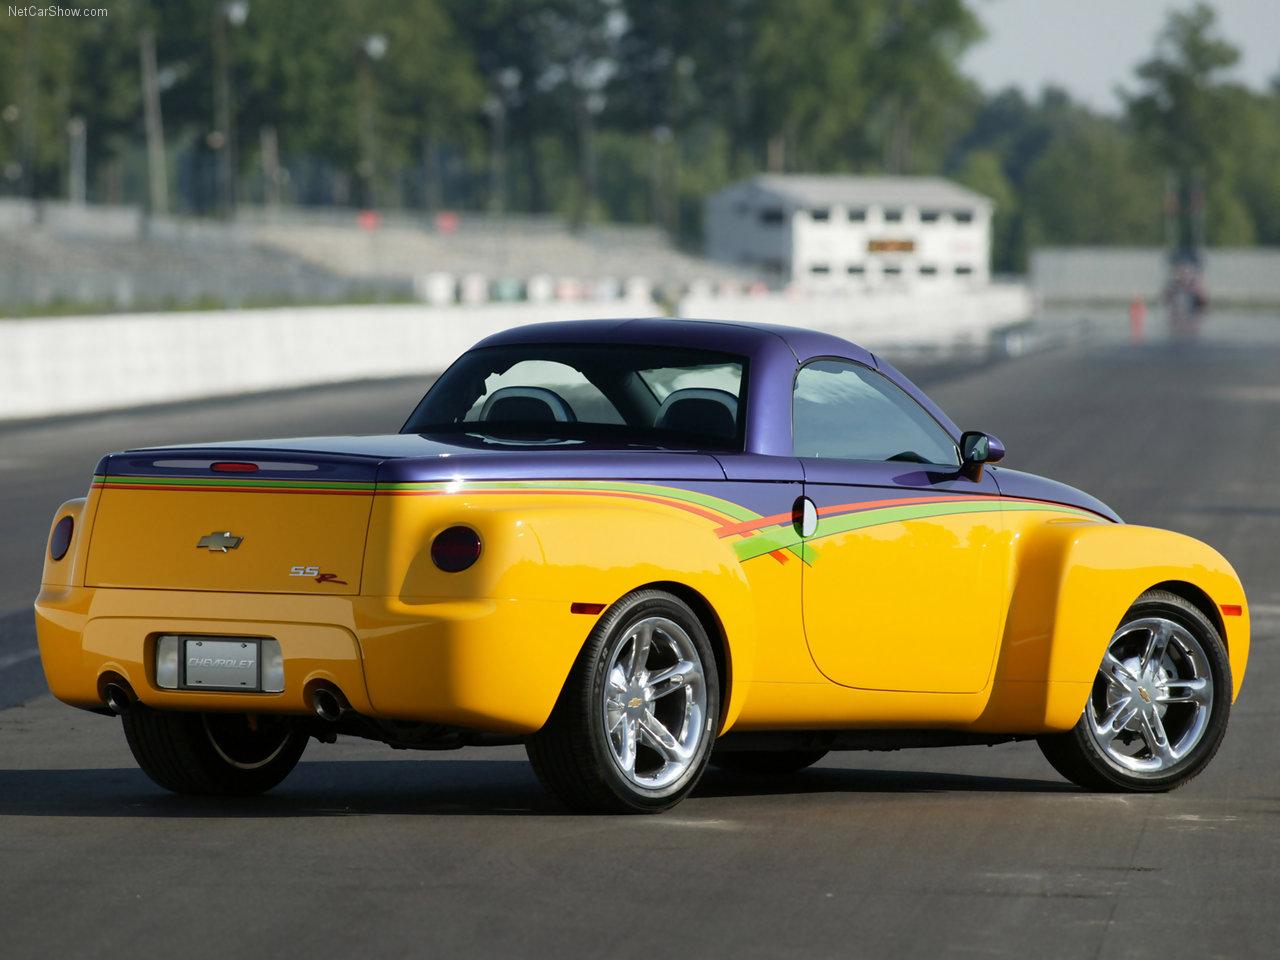 http://2.bp.blogspot.com/-2C8jrR3mmRQ/TYTQKNNTdZI/AAAAAAAAN1M/LMgXHTtR5MY/s1600/Chevrolet-SSR_a_Rod_Power_Tour_Concept_2003_1280x960_wallpaper_03.jpg